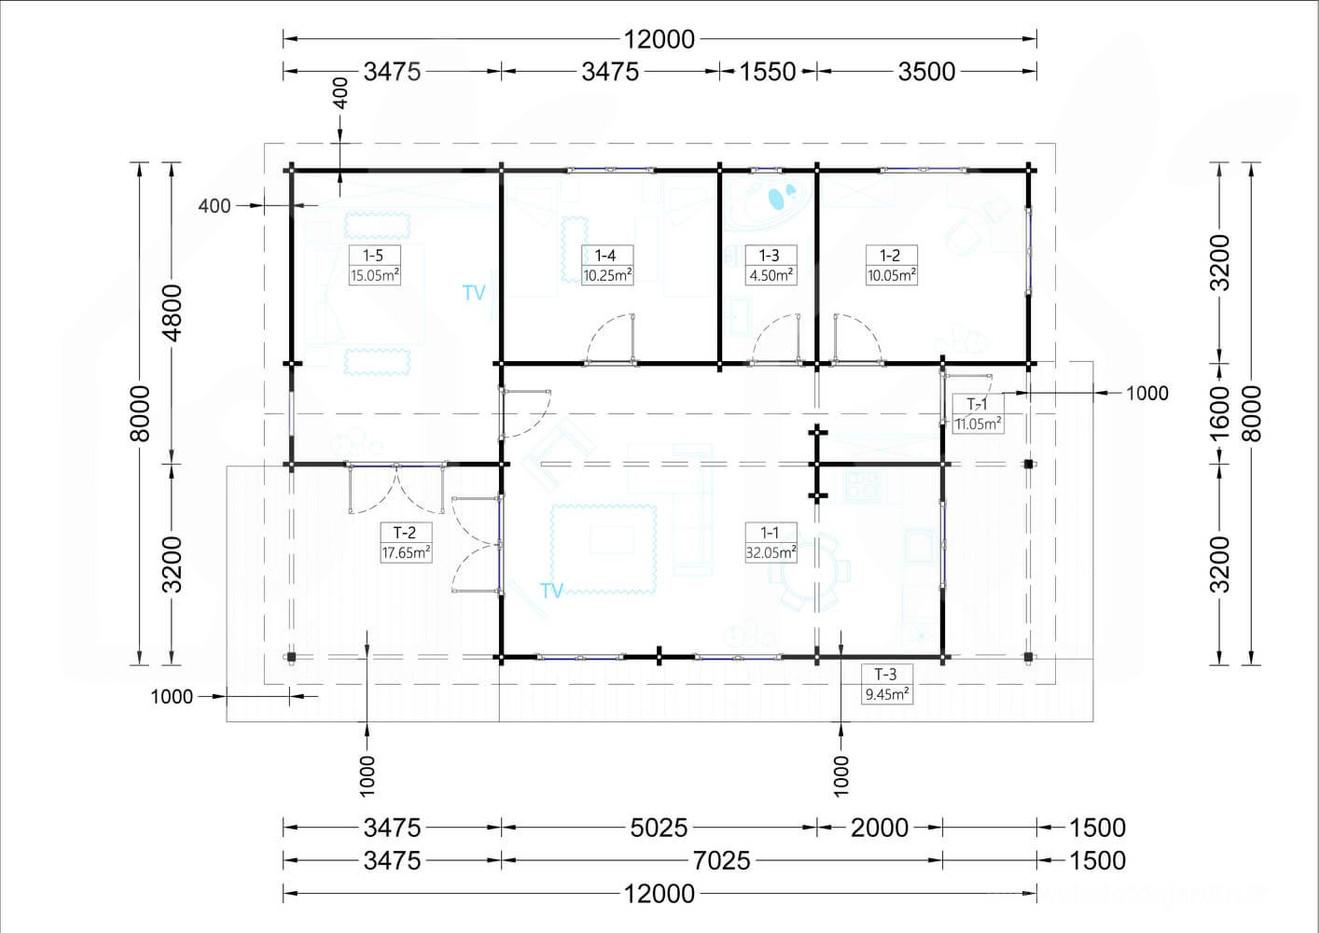 plano modelo Linda 72m2 3 dormitorios, recibidor, sala comedor, cocina, baño y 38 m2 de terrazas